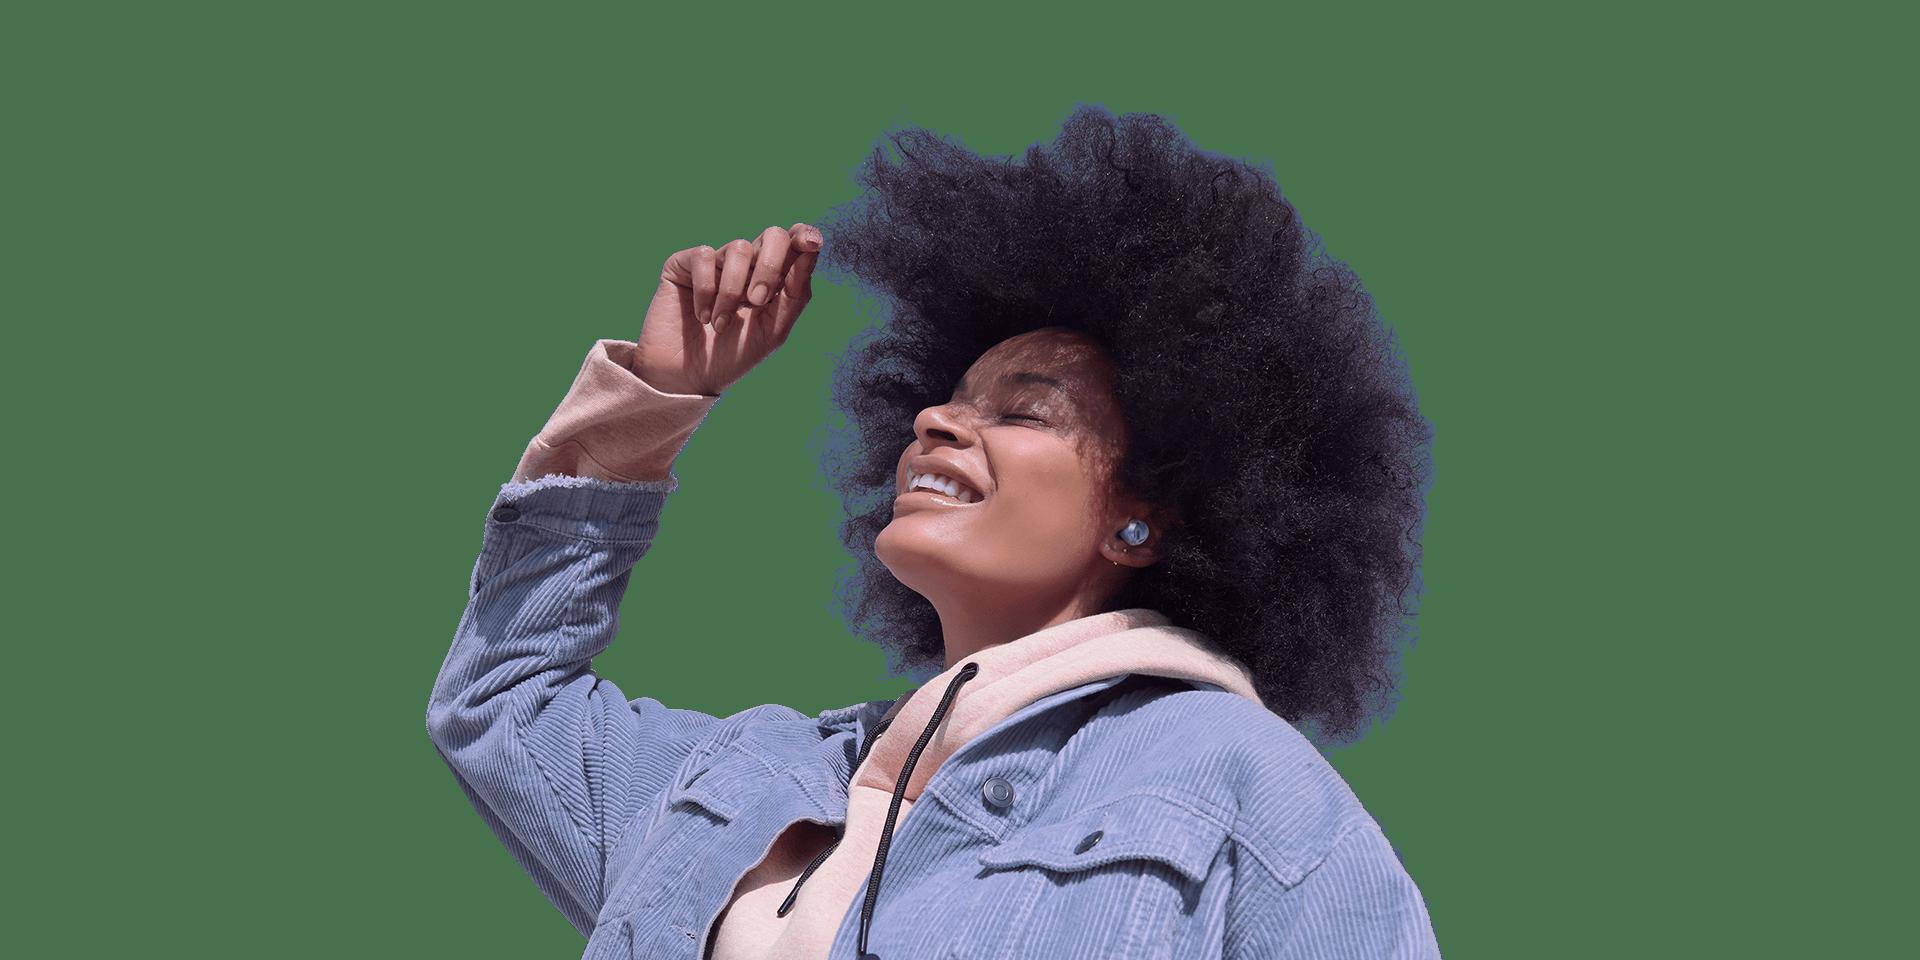 Una mujer usa unos Galaxy Buds Pro. Baila y disfruta la música que escucha. Aparecen anillos a su alrededor que se expanden hasta que el fondo está bloqueado. Eso representa el bloqueo de sonido que brinda la cancelación de ruido activa inteligente.